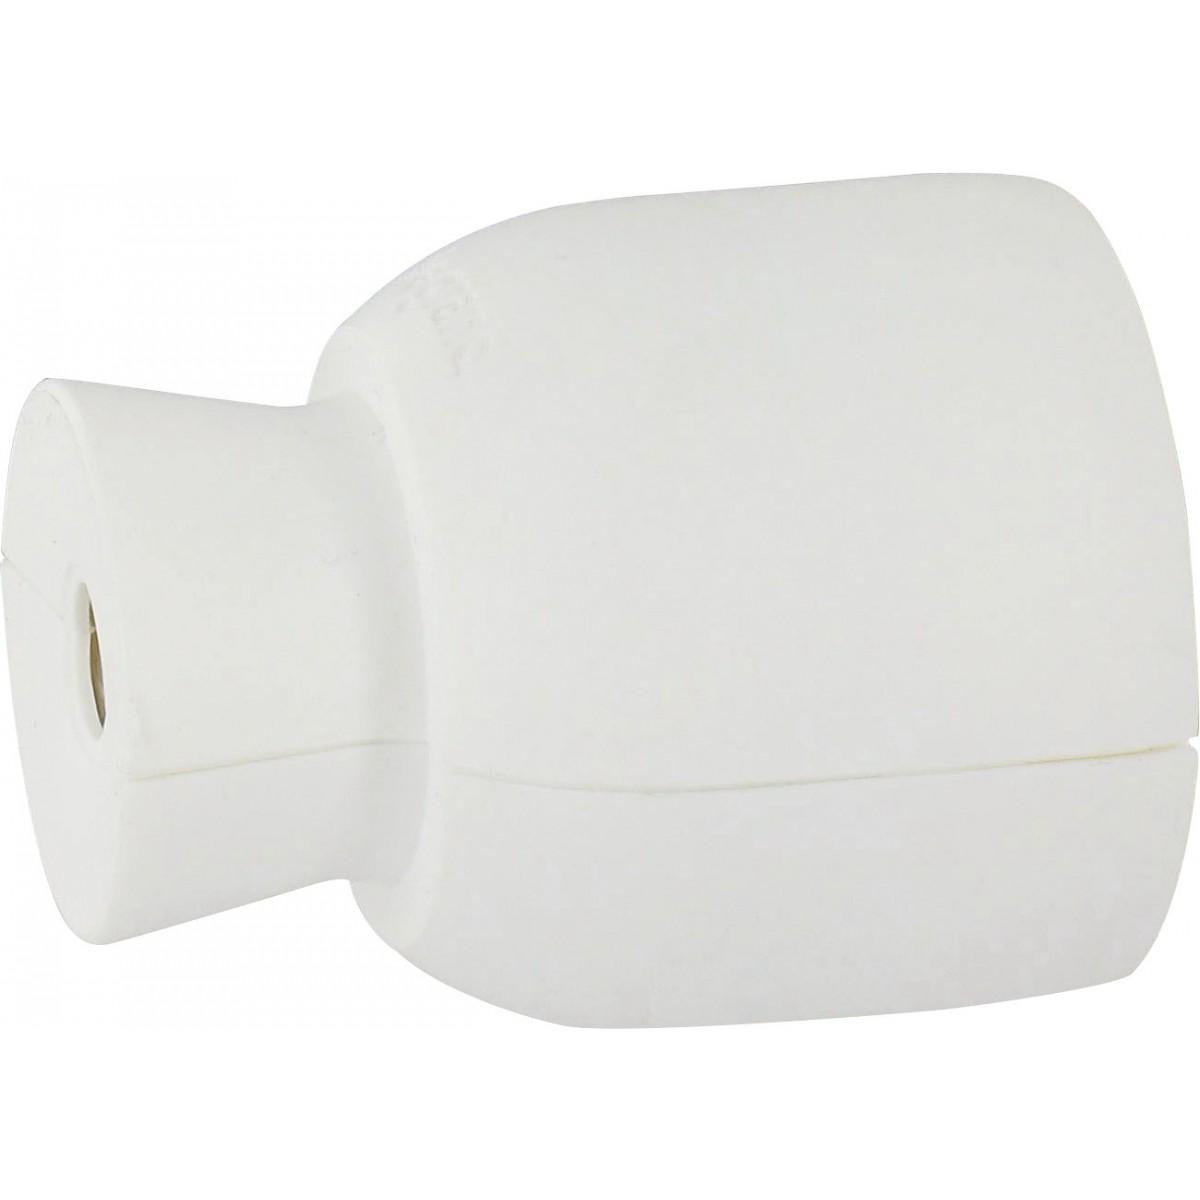 Fiches plastique 2P+T 16 A Legrand - Femelle - Sortie du câble par l'arrière